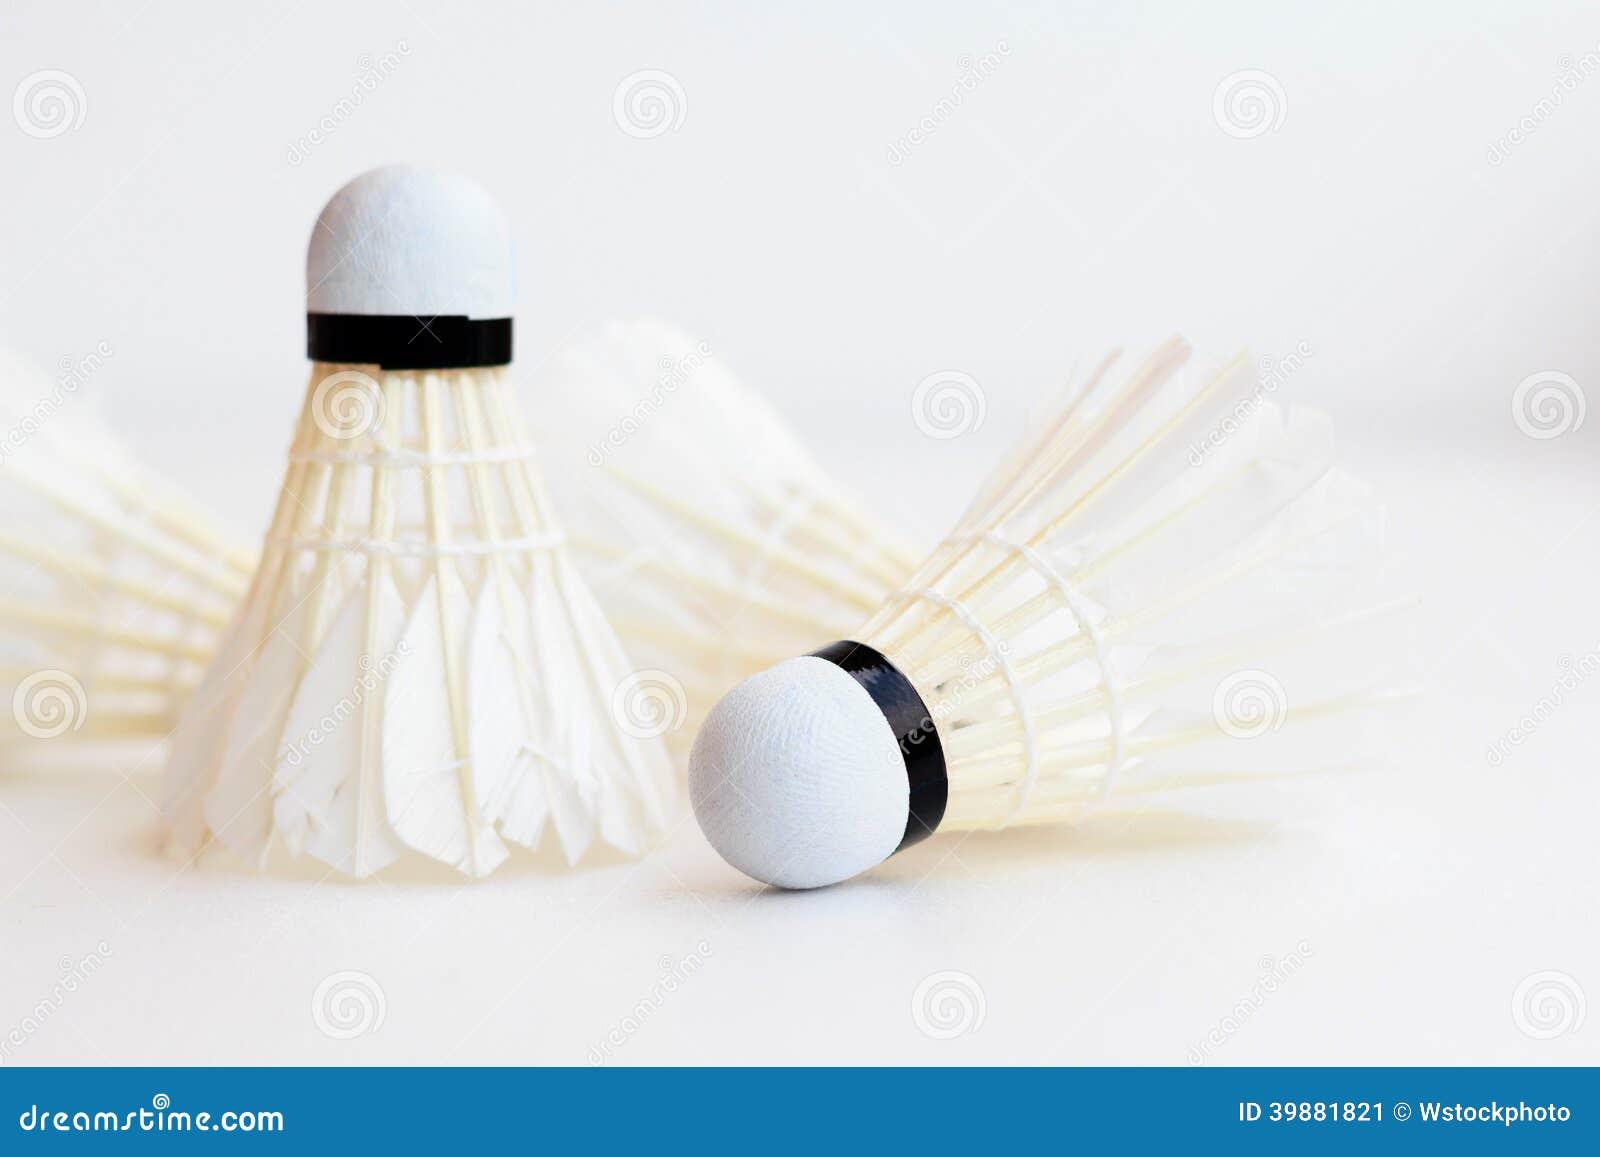 Badmintonfederball lokalisiert auf weißem Hintergrund